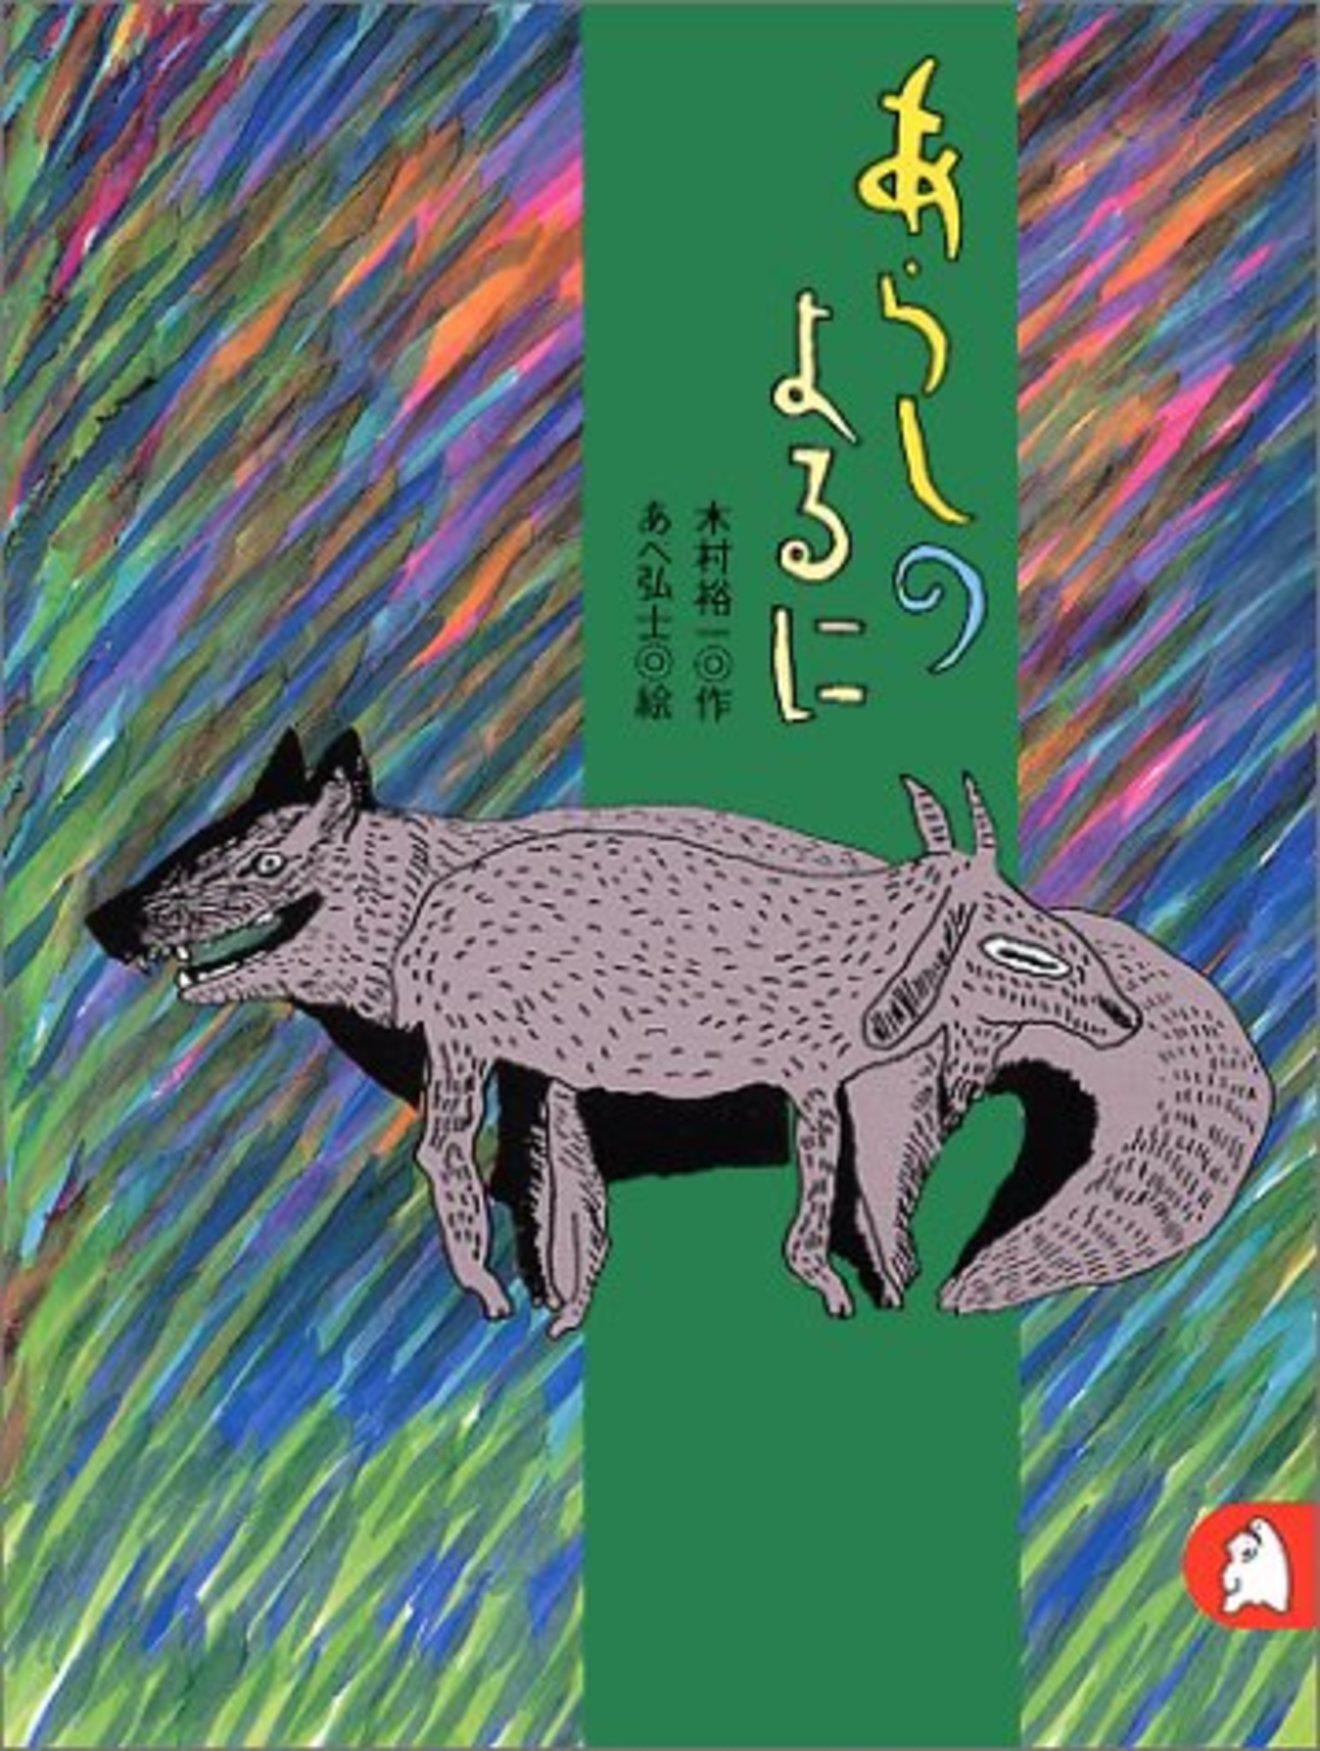 木村祐一のおすすめ絵本5選!『あらしのよるに』の作者